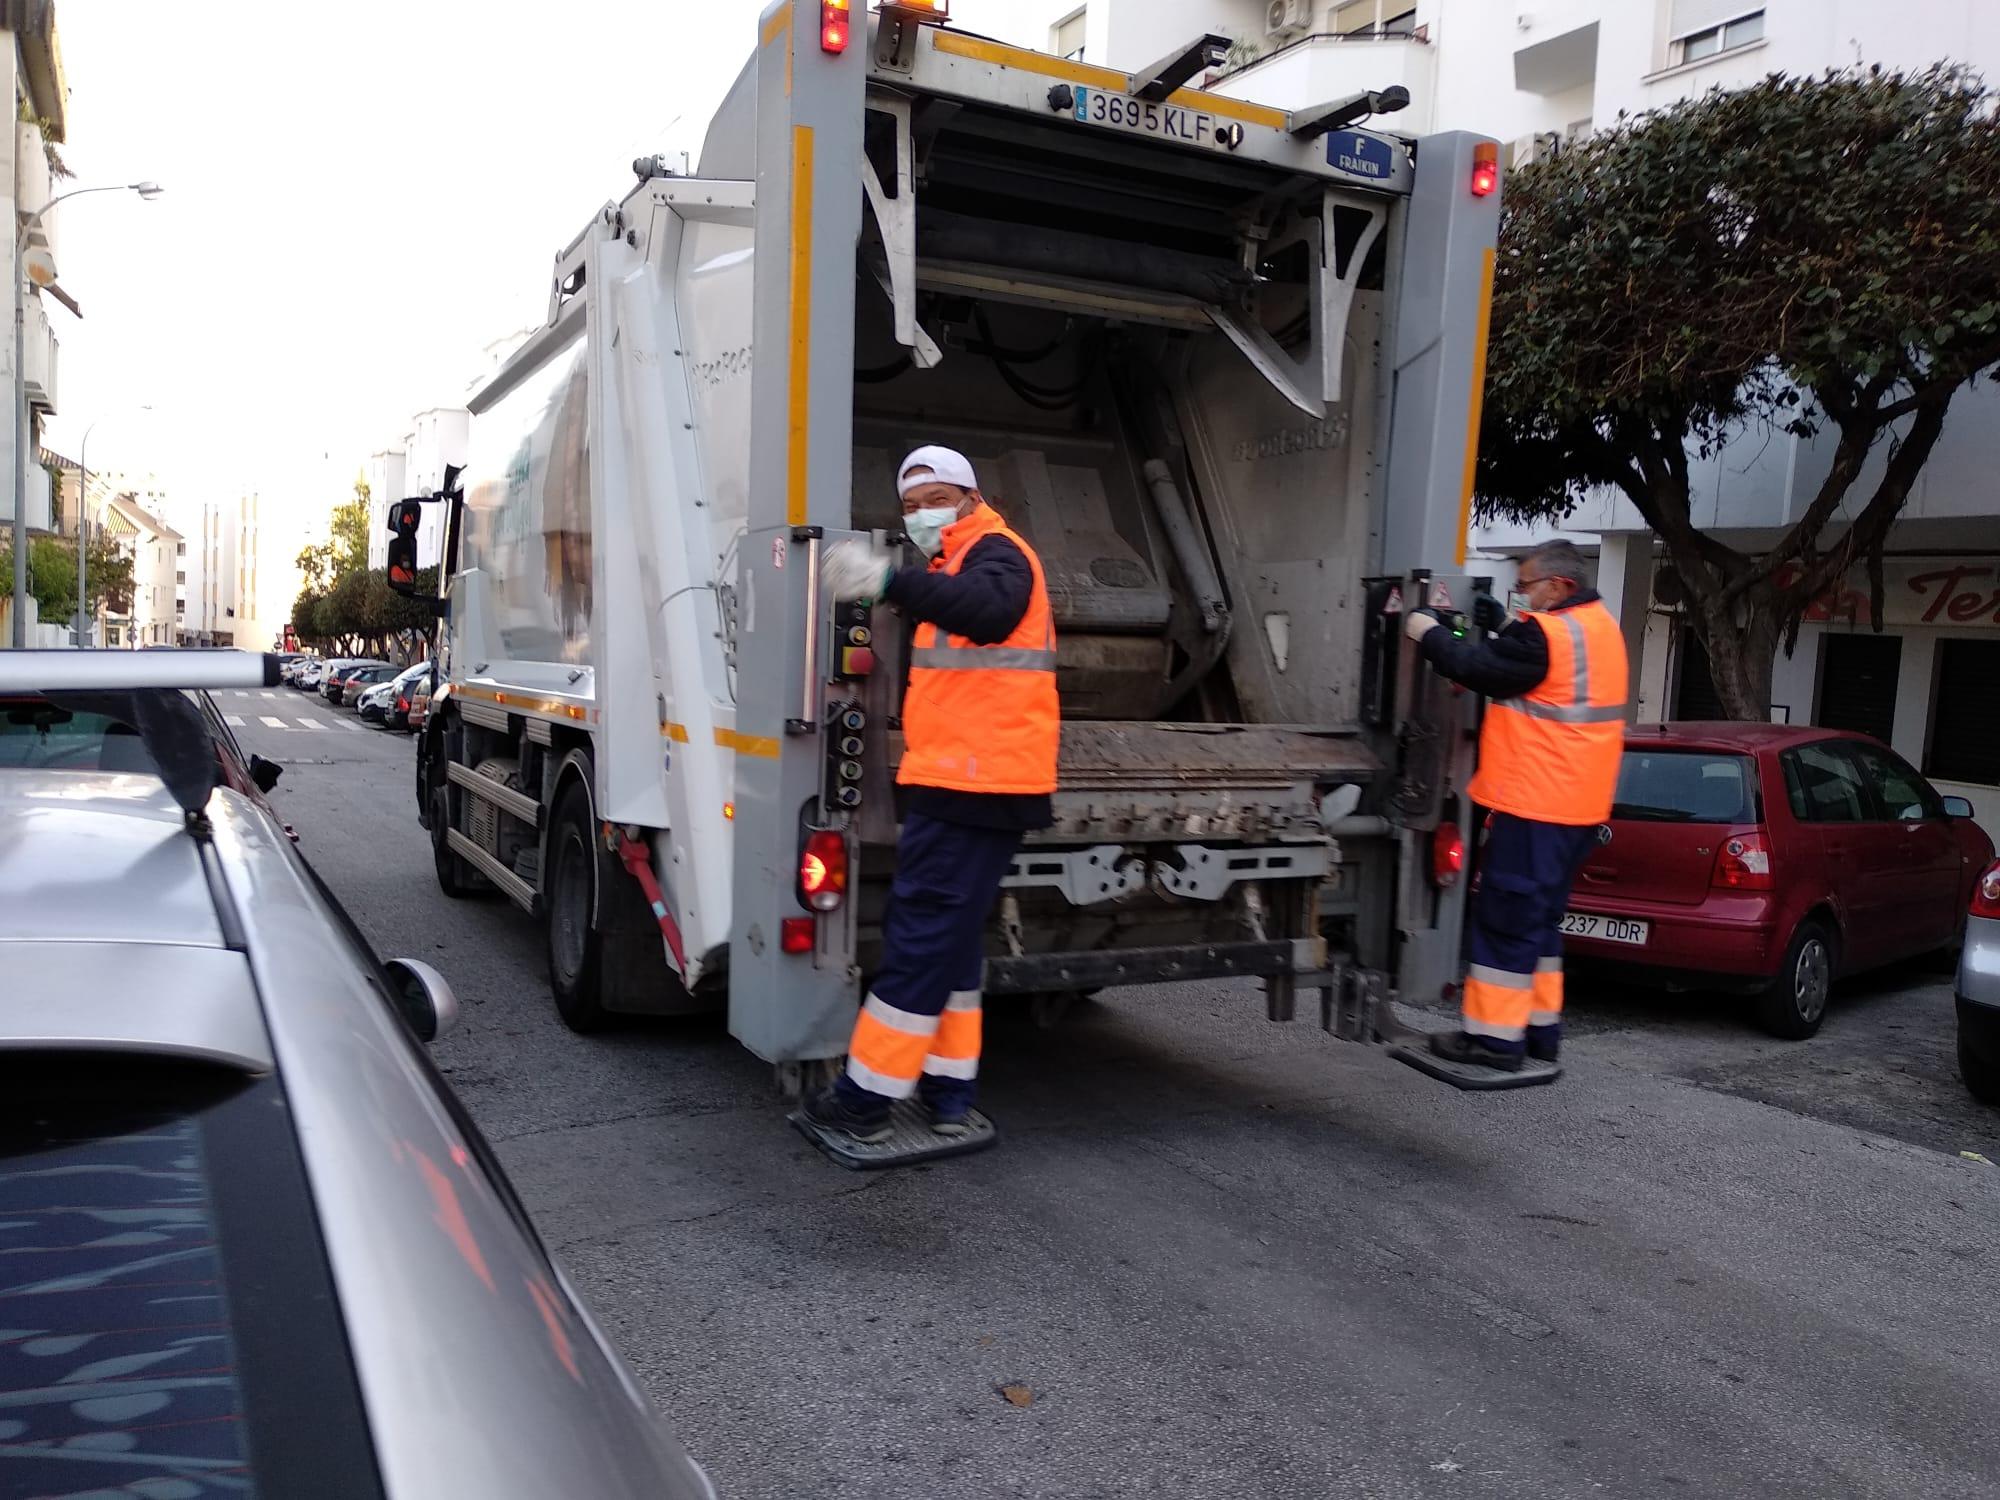 La recogida de residuos desciende un 10% en marzo por el estado de alarma del Covid-19